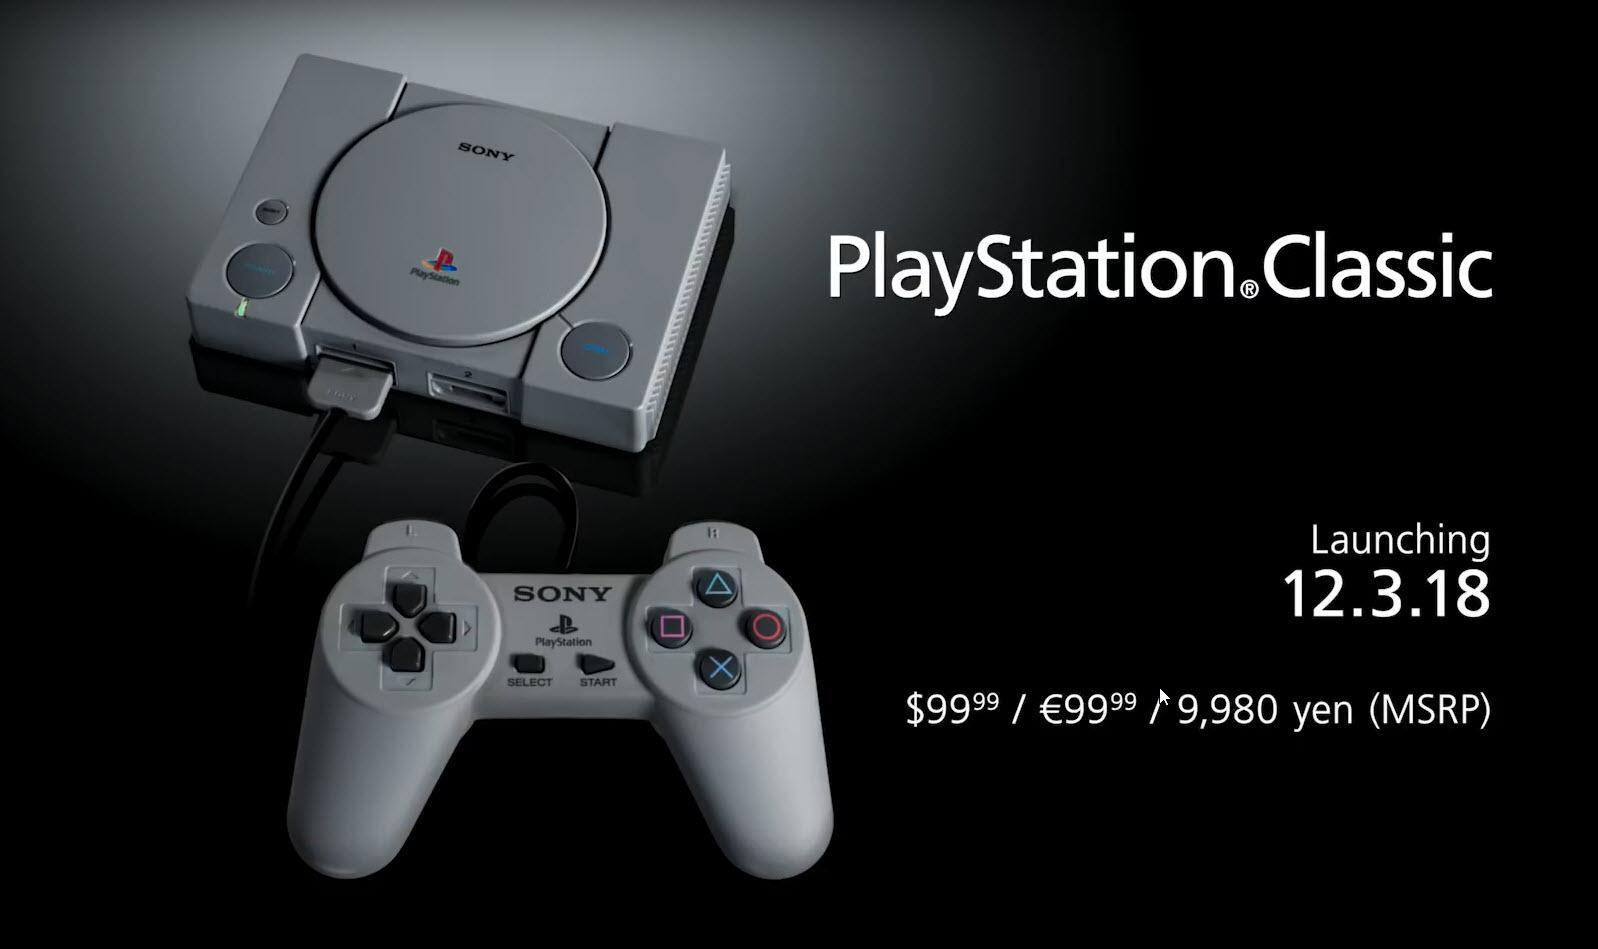 2018 09 19 14 11 14 เอาใจวัยเก๋า!!โซนี่เตรียมเปิดขาย PlayStation Classic แถมเกมส์ดัง 20เกมส์มีพอต HDMI ให้ใช้งานอีกด้วย